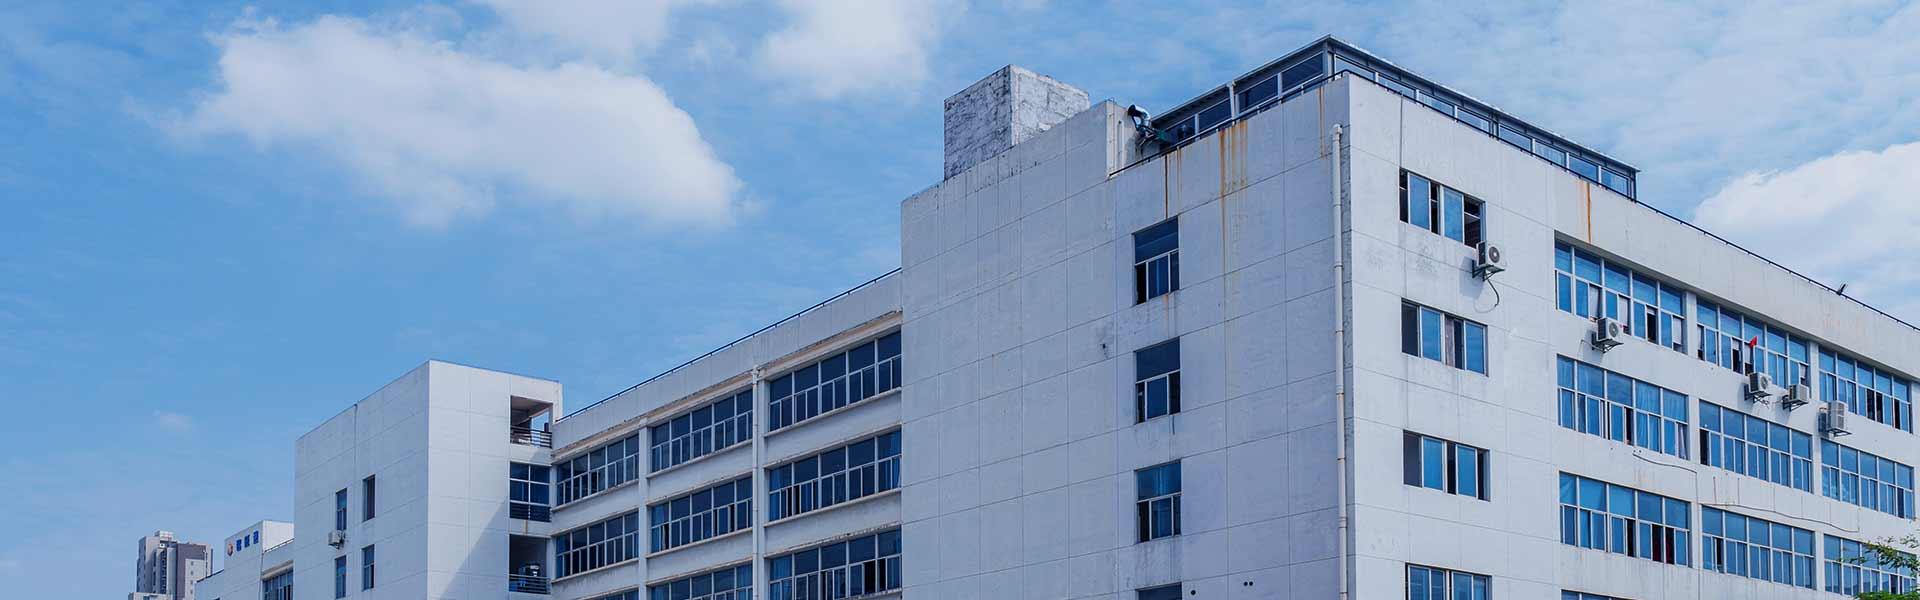 瀝青行業廢氣處理設備廠家:為您淺談介紹瀝青行業廢氣處理設備